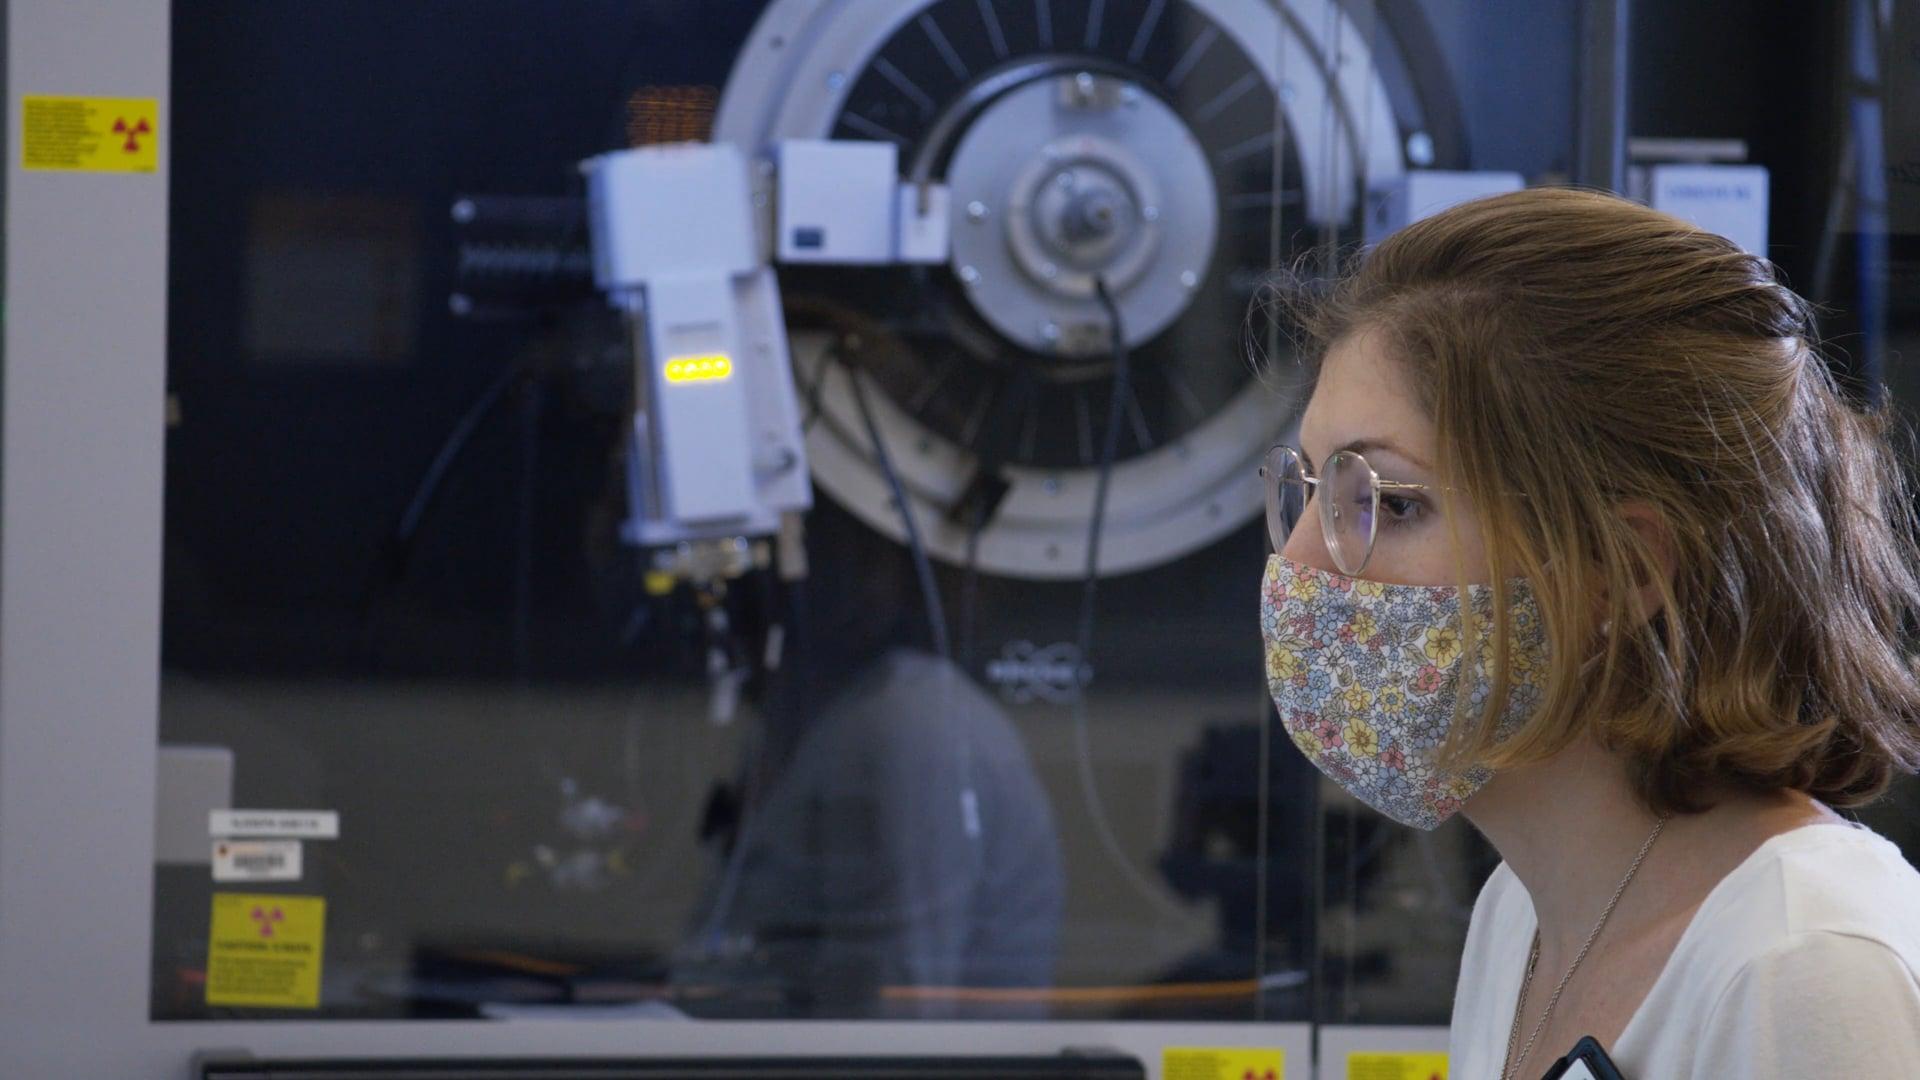 Princeton Imaging and Analysis Center